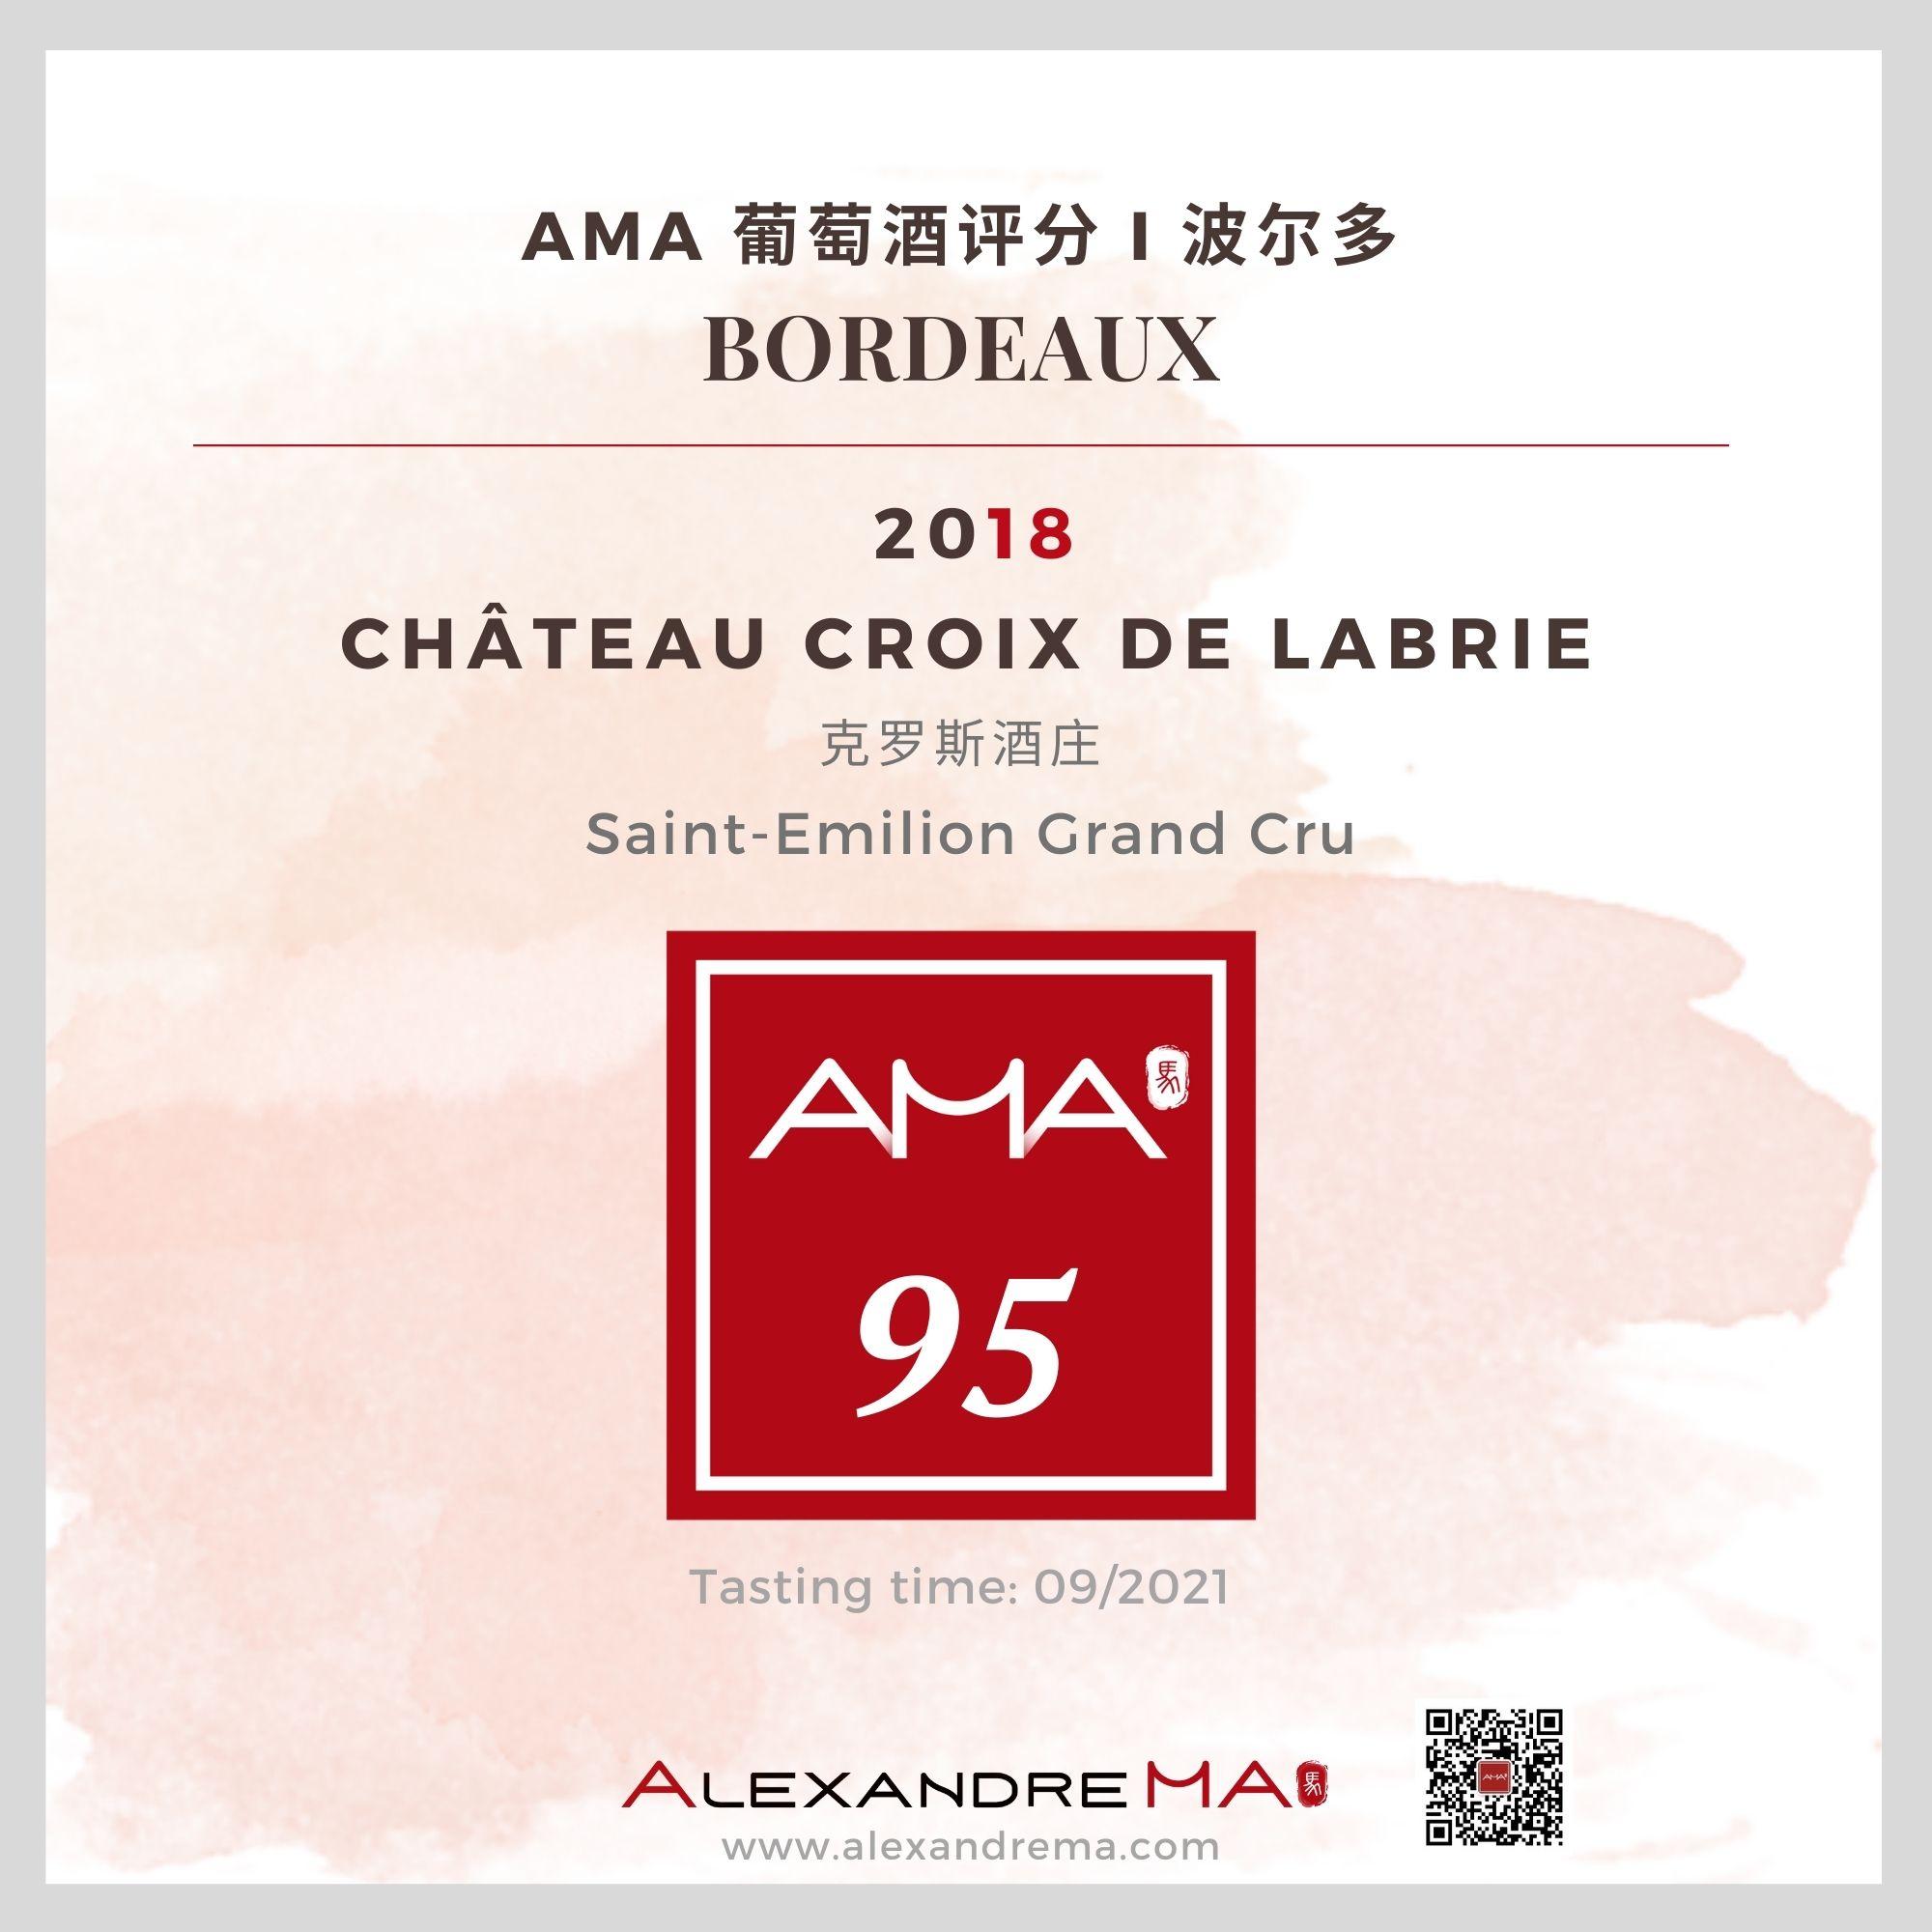 Château Croix de Labrie 2018 - Alexandre MA